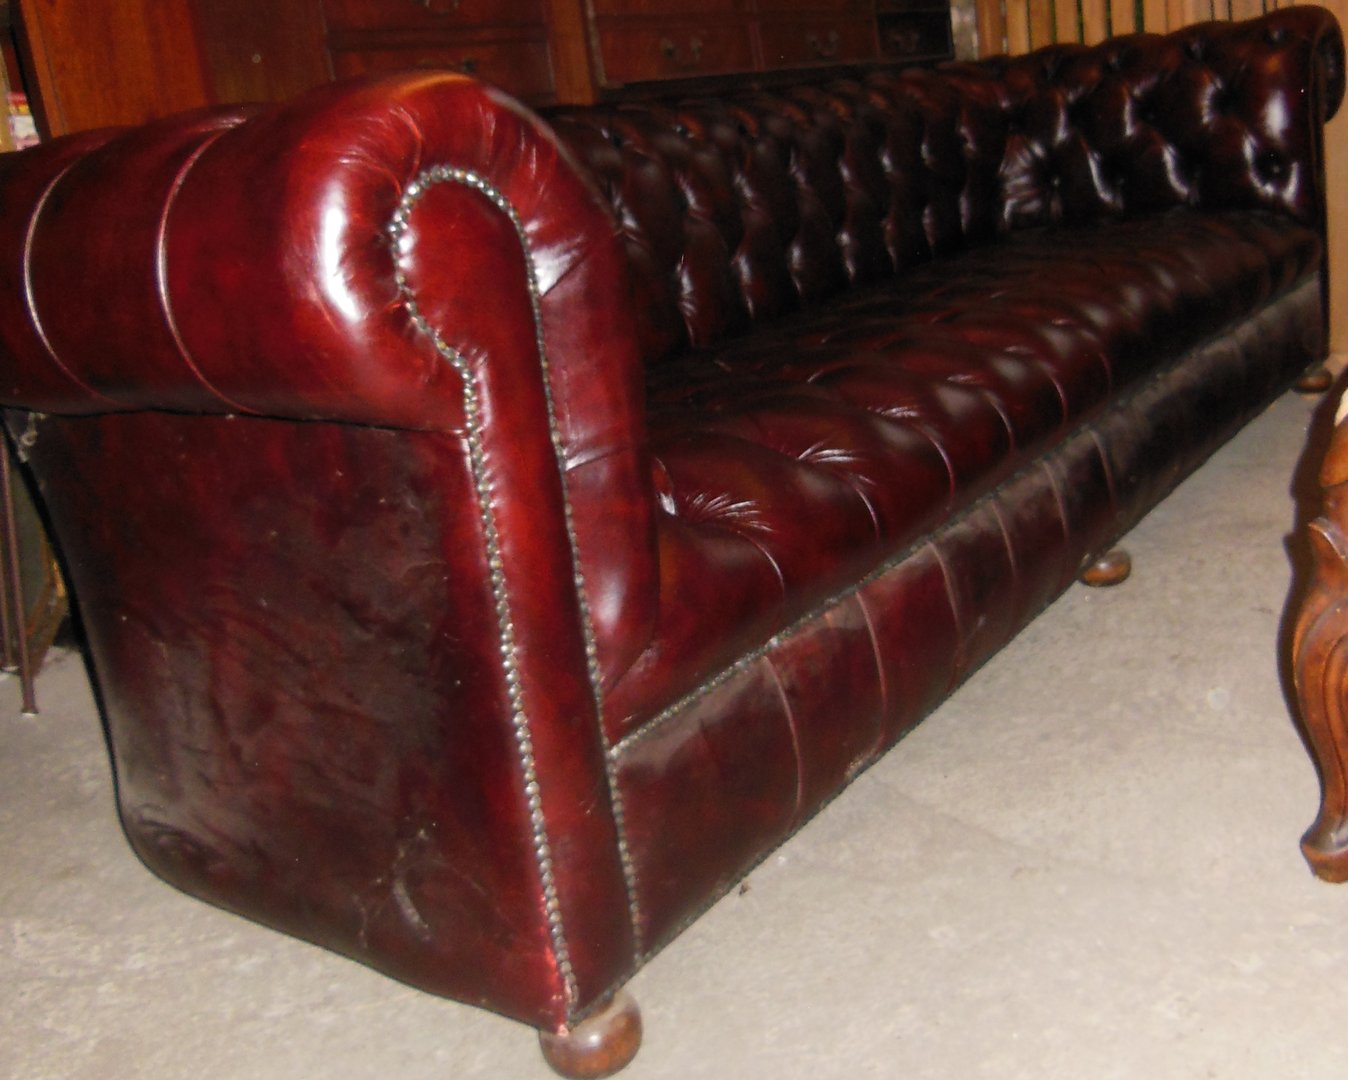 Chesterfield sofa gebraucht  Chesterfield-Couch 4-Sitzer weinrot - Antik Möbel Antiquitäten ...